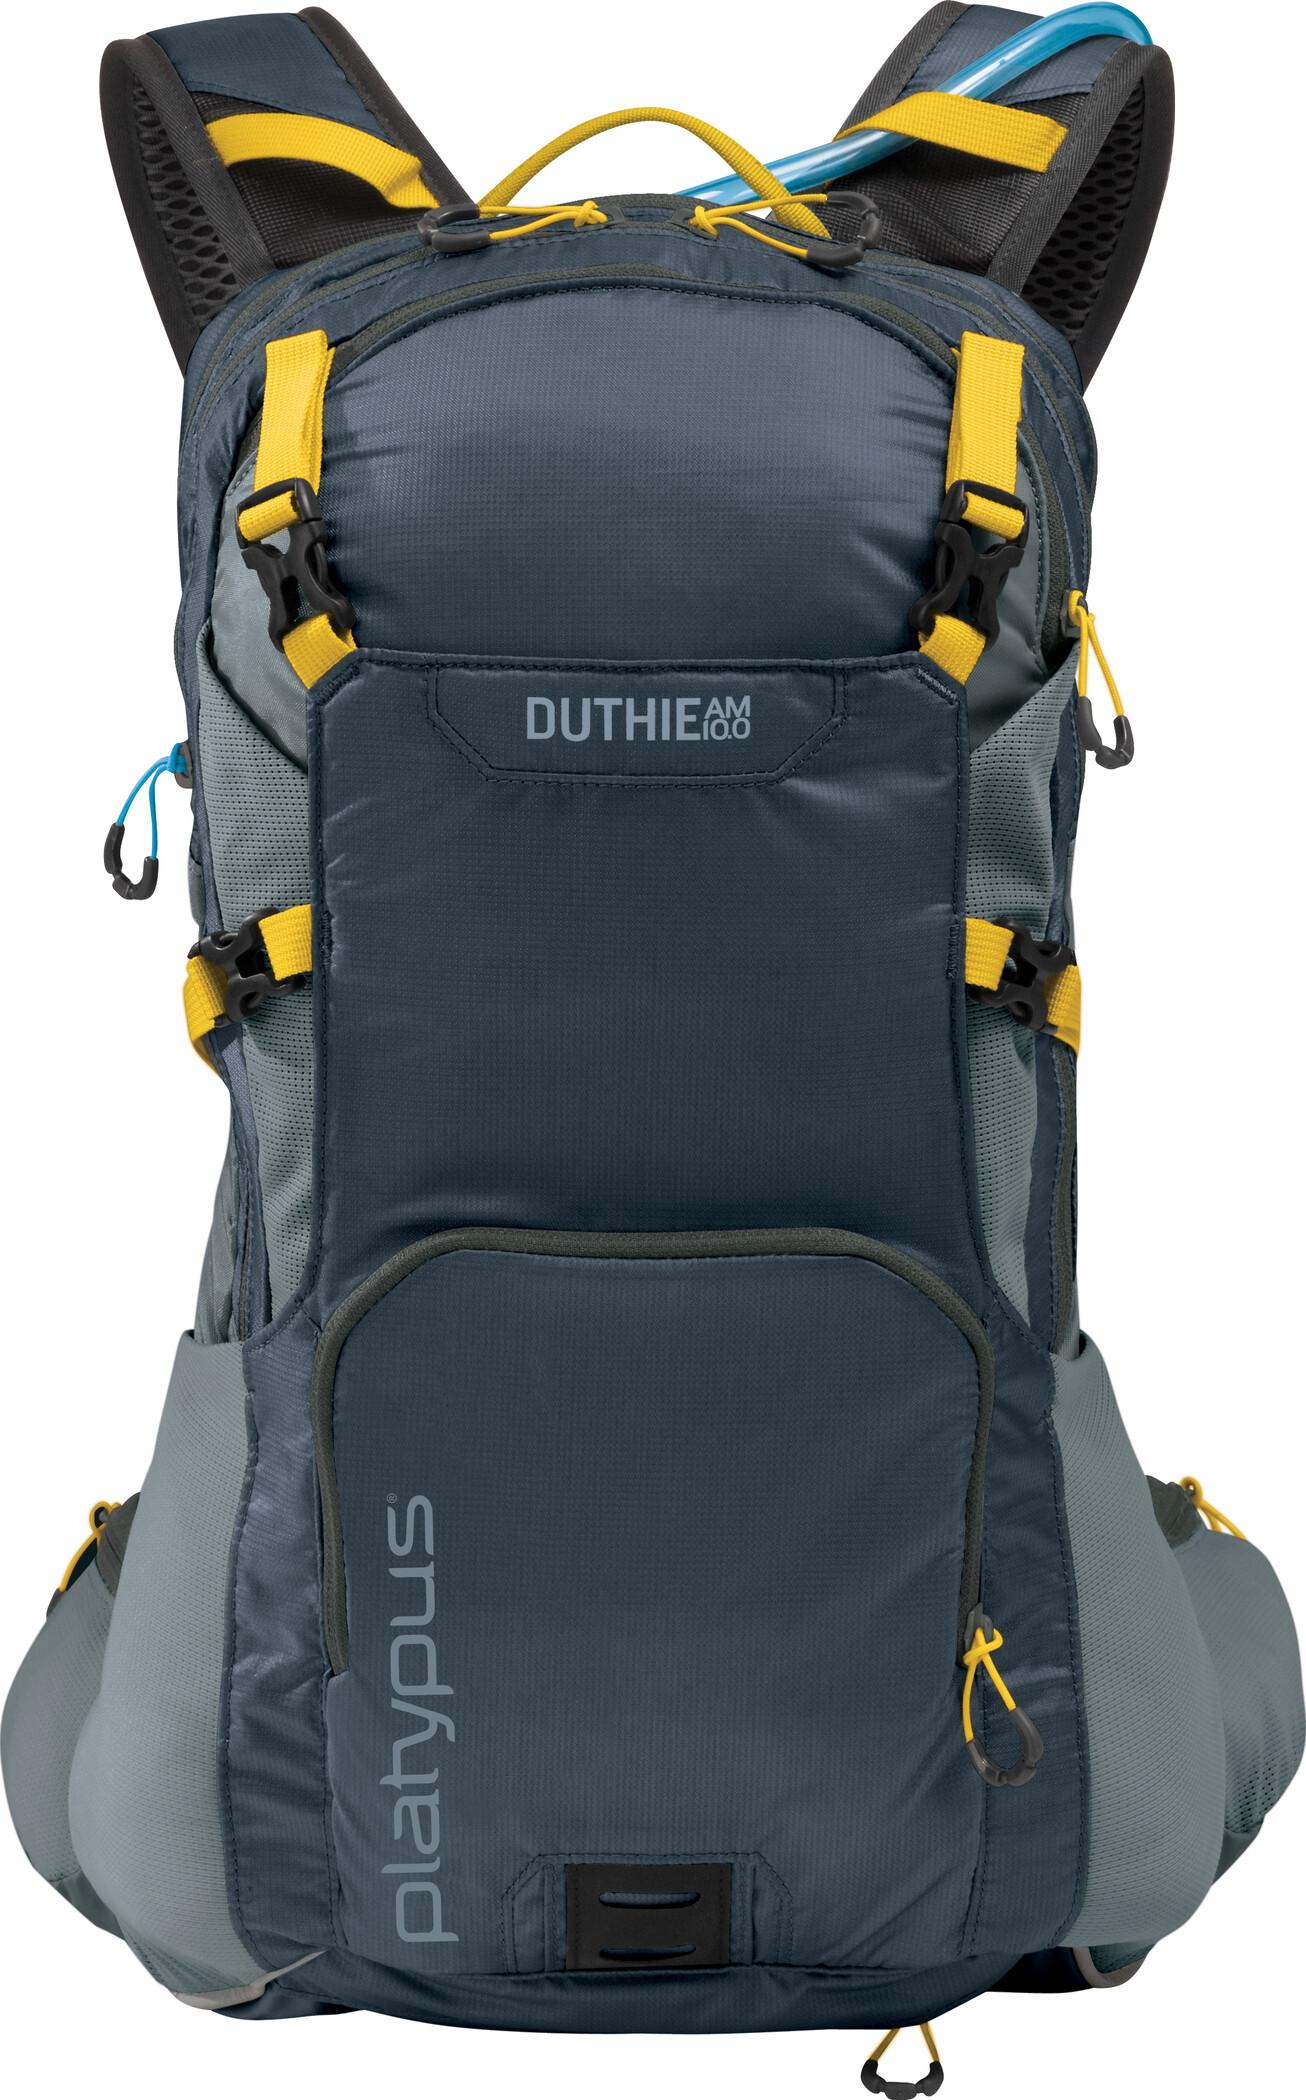 Platypus Duthie 10 Rygsæk, titanium gray   Rygsæk og rejsetasker